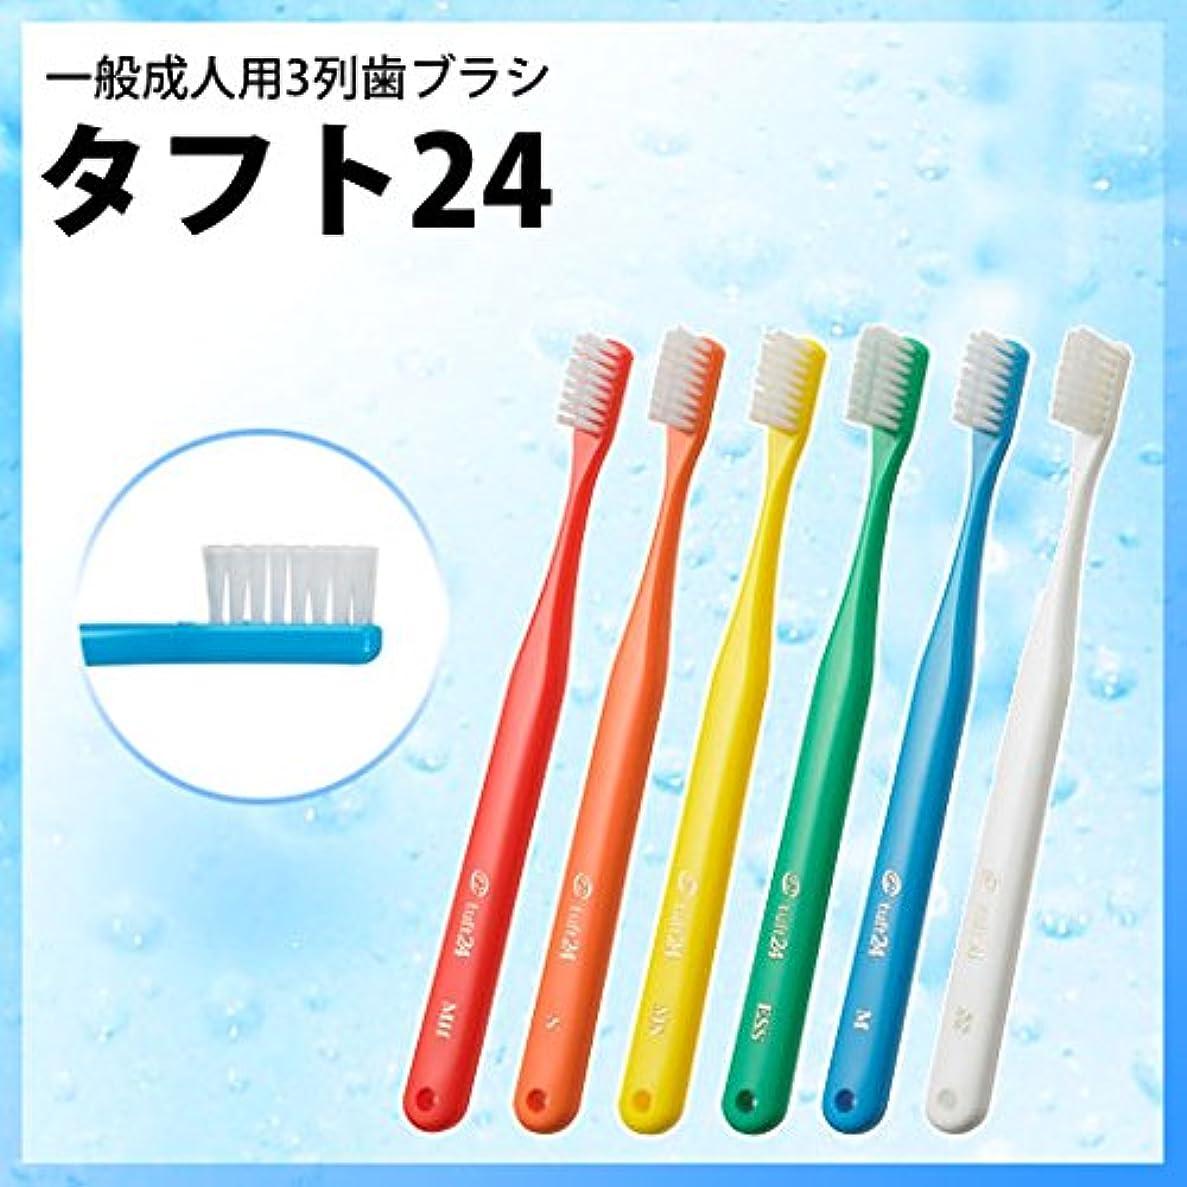 タフト24 歯ブラシ 5本セット SS キャップなし (ホワイト)